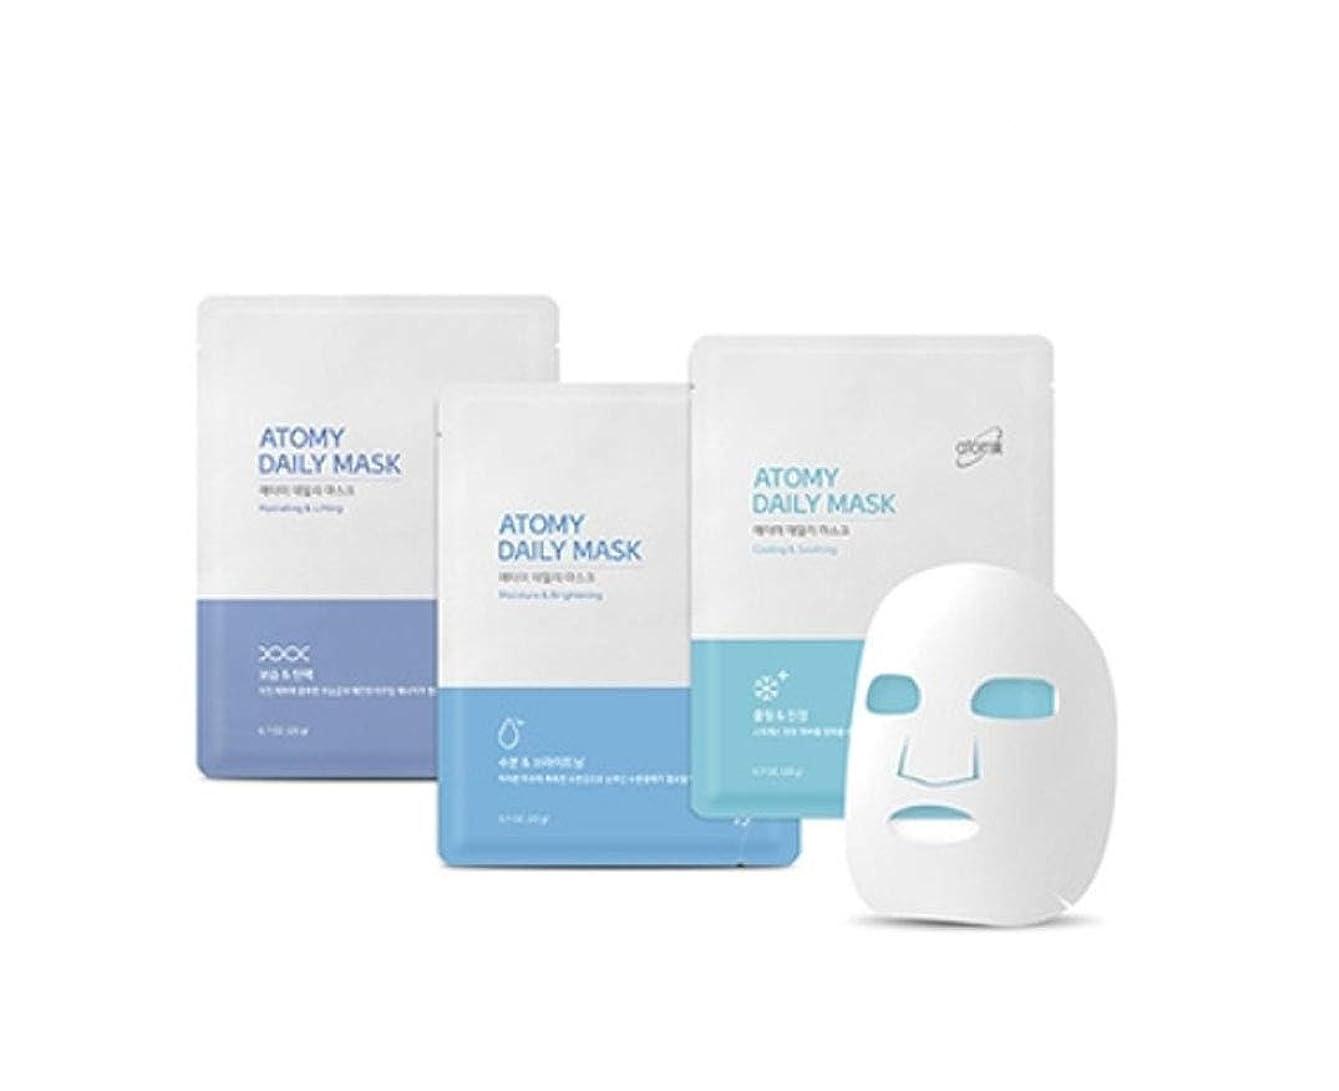 ノベルティ観察する辛い[NEW] Atomy Daily Mask Sheet 3 Type Combo 30 Pack- Moisture & Brightening,Cooling & Soothing,Moisture & Brightening アトミ 自然由来の成分と4つの特許成分マスクパック(並行輸入品)